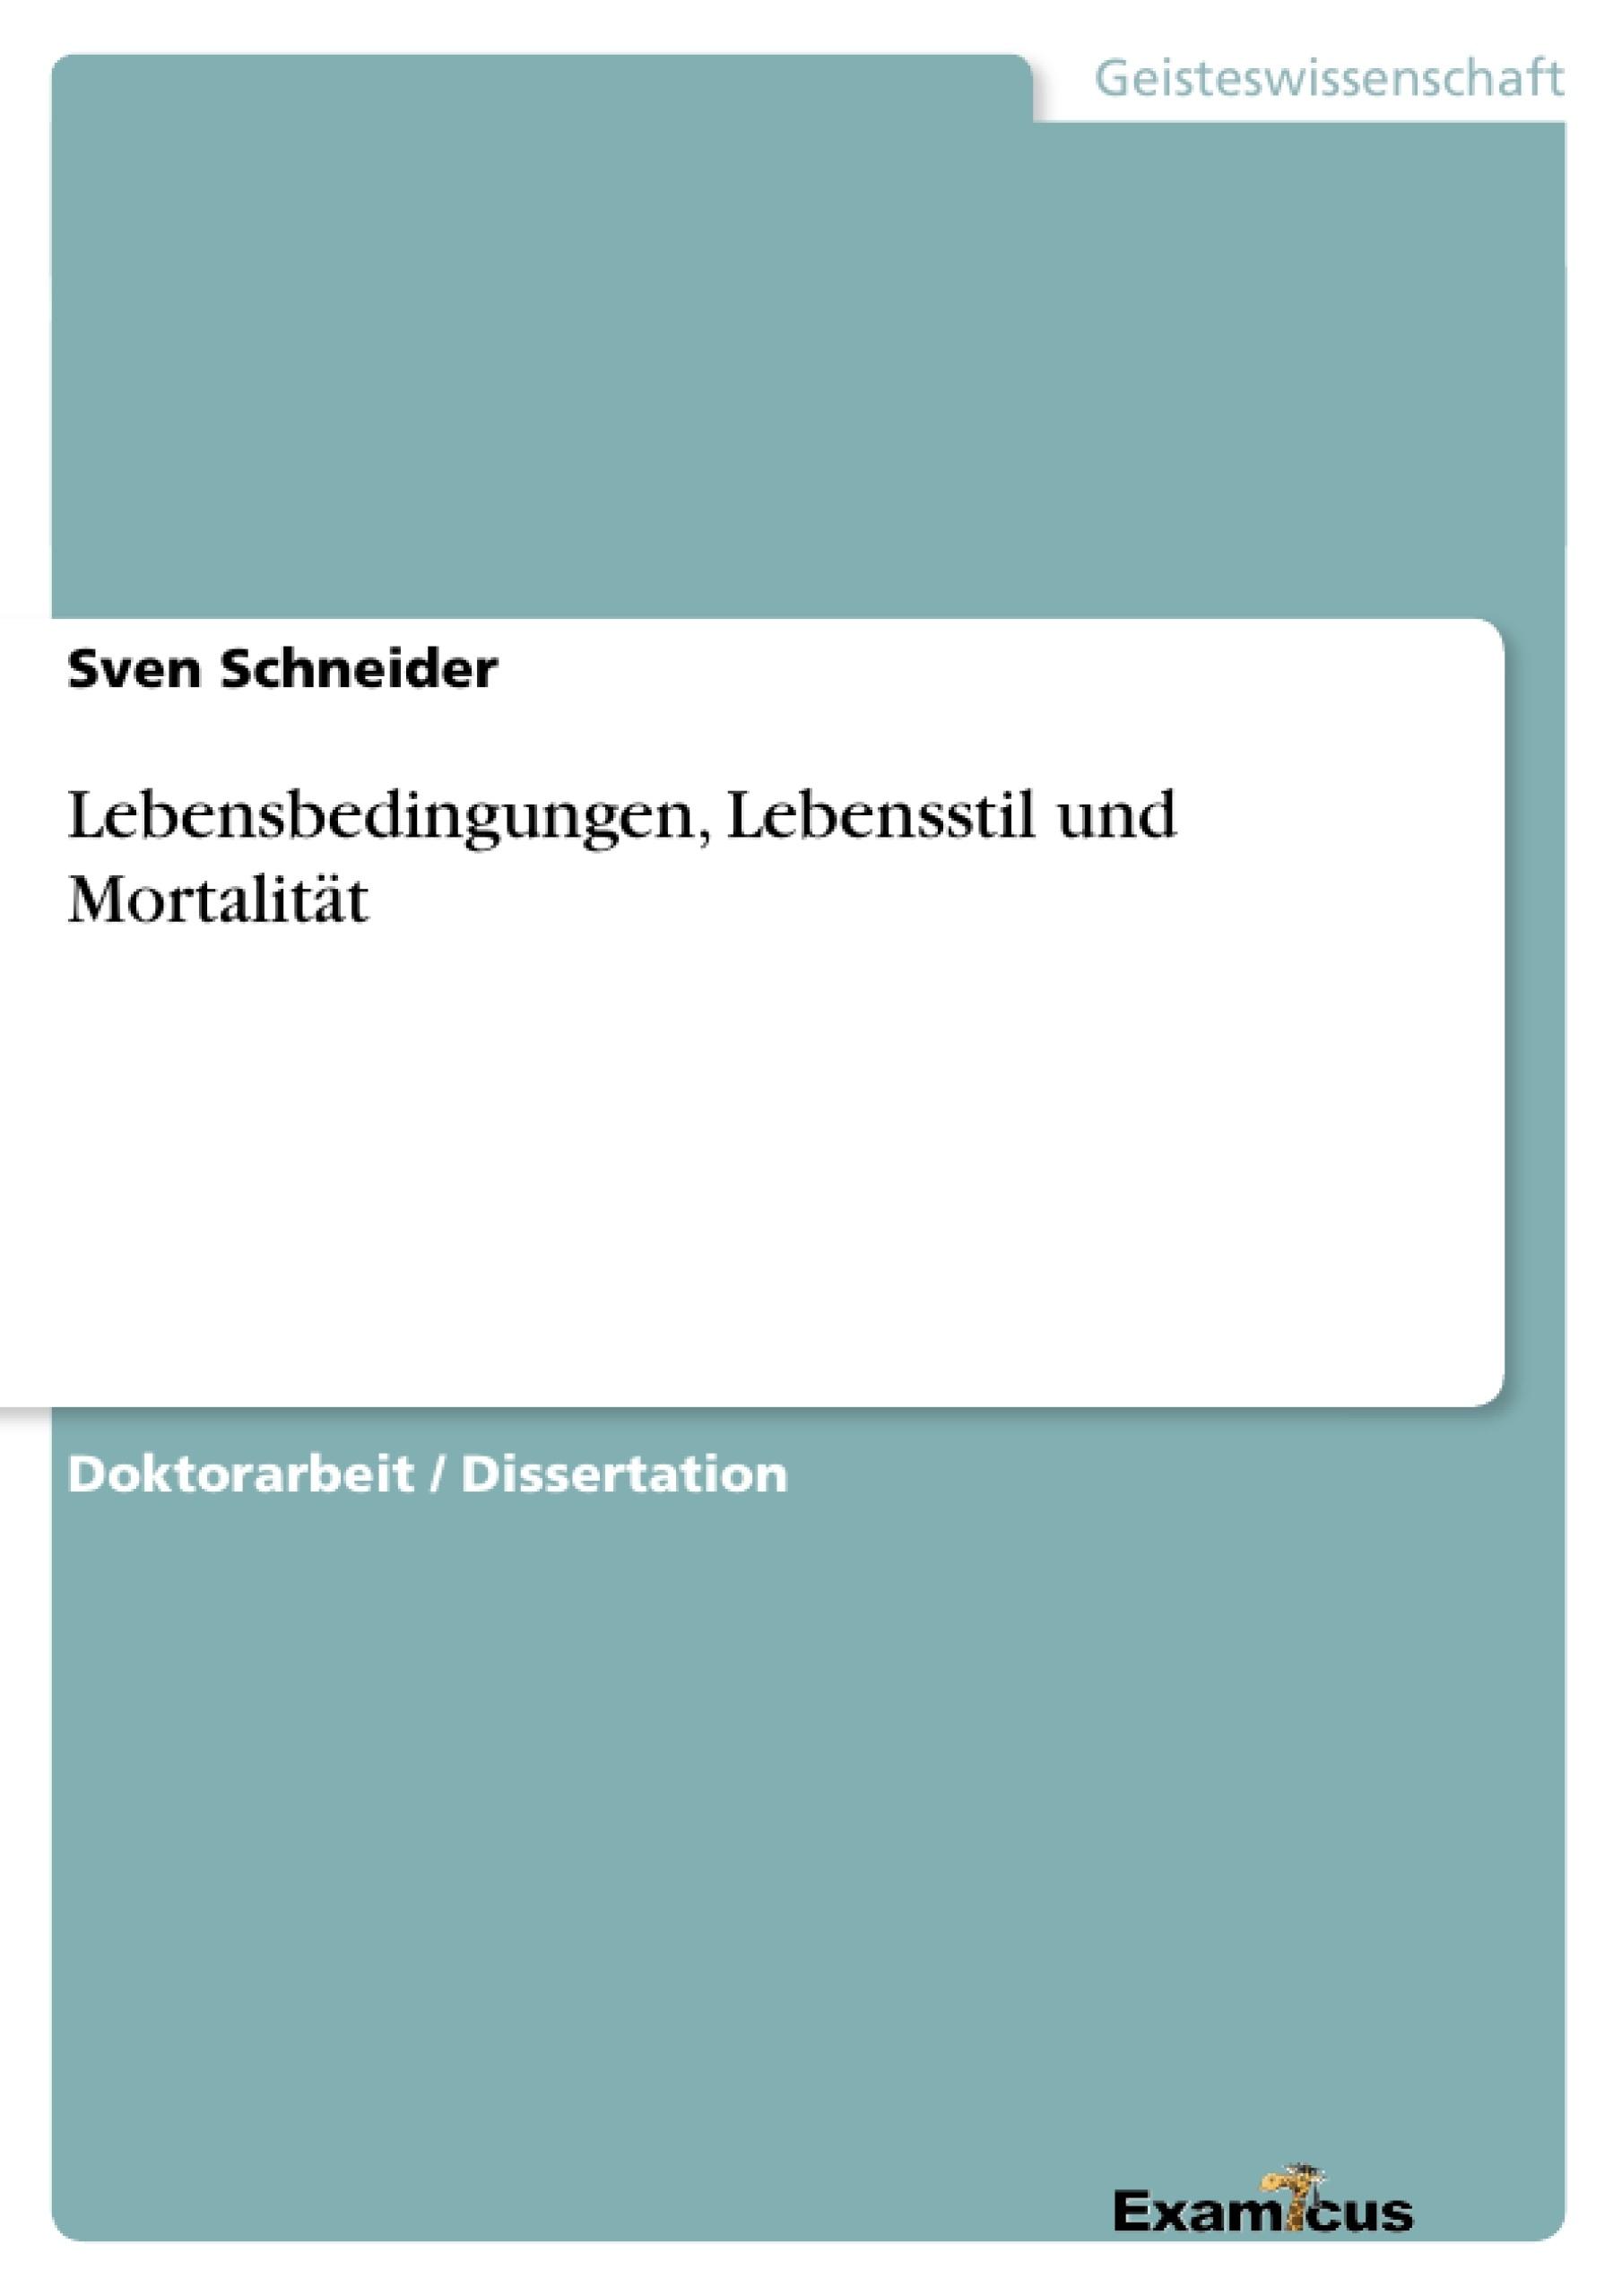 Titel: Lebensbedingungen, Lebensstil und Mortalität